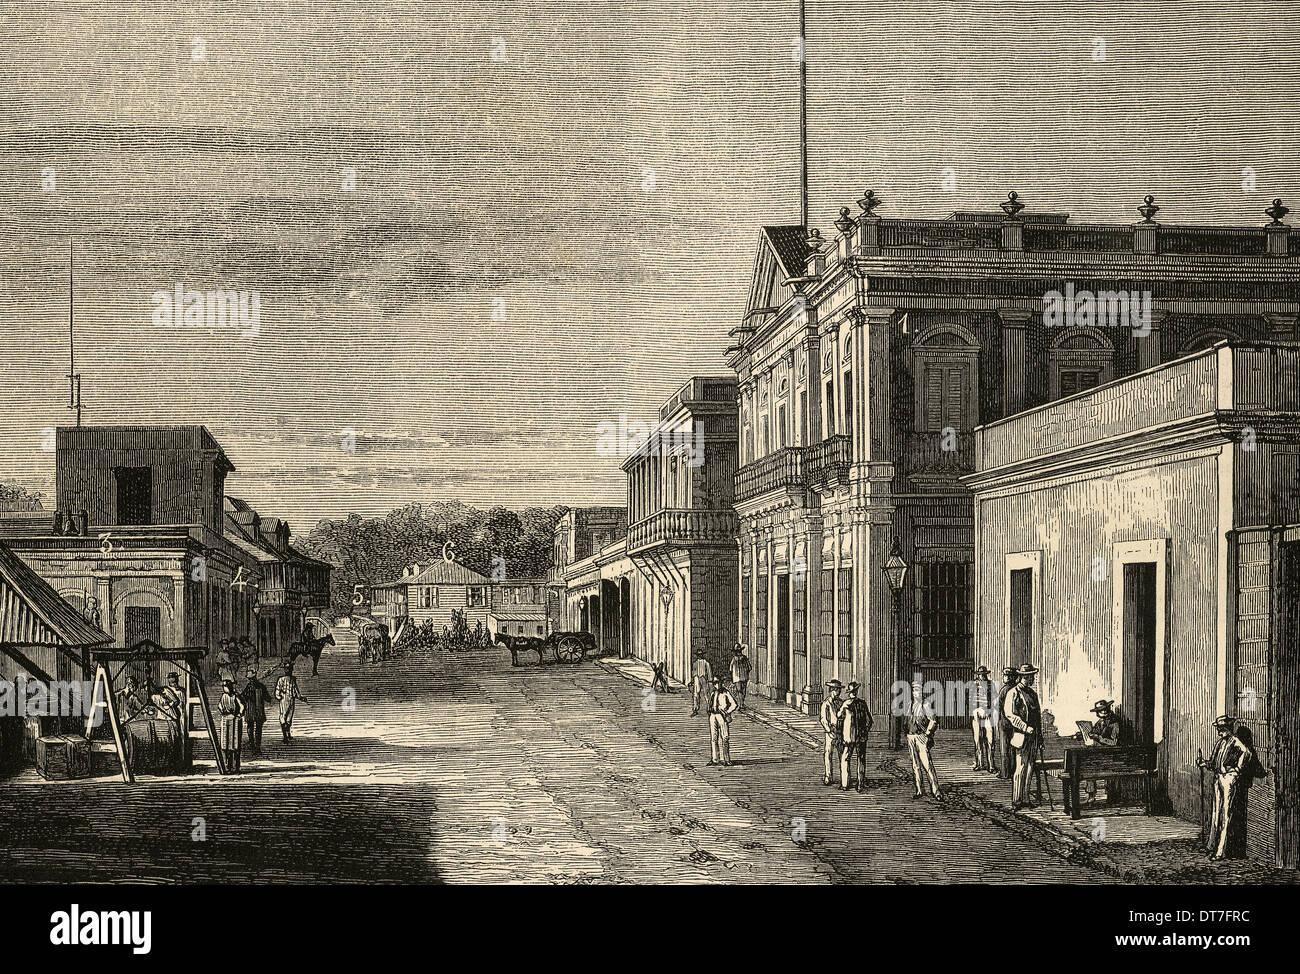 Puerto Rico. Mayaquez city. Engraving by Traver 'La Ilustracion Espanola y Americana', 1889. - Stock Image